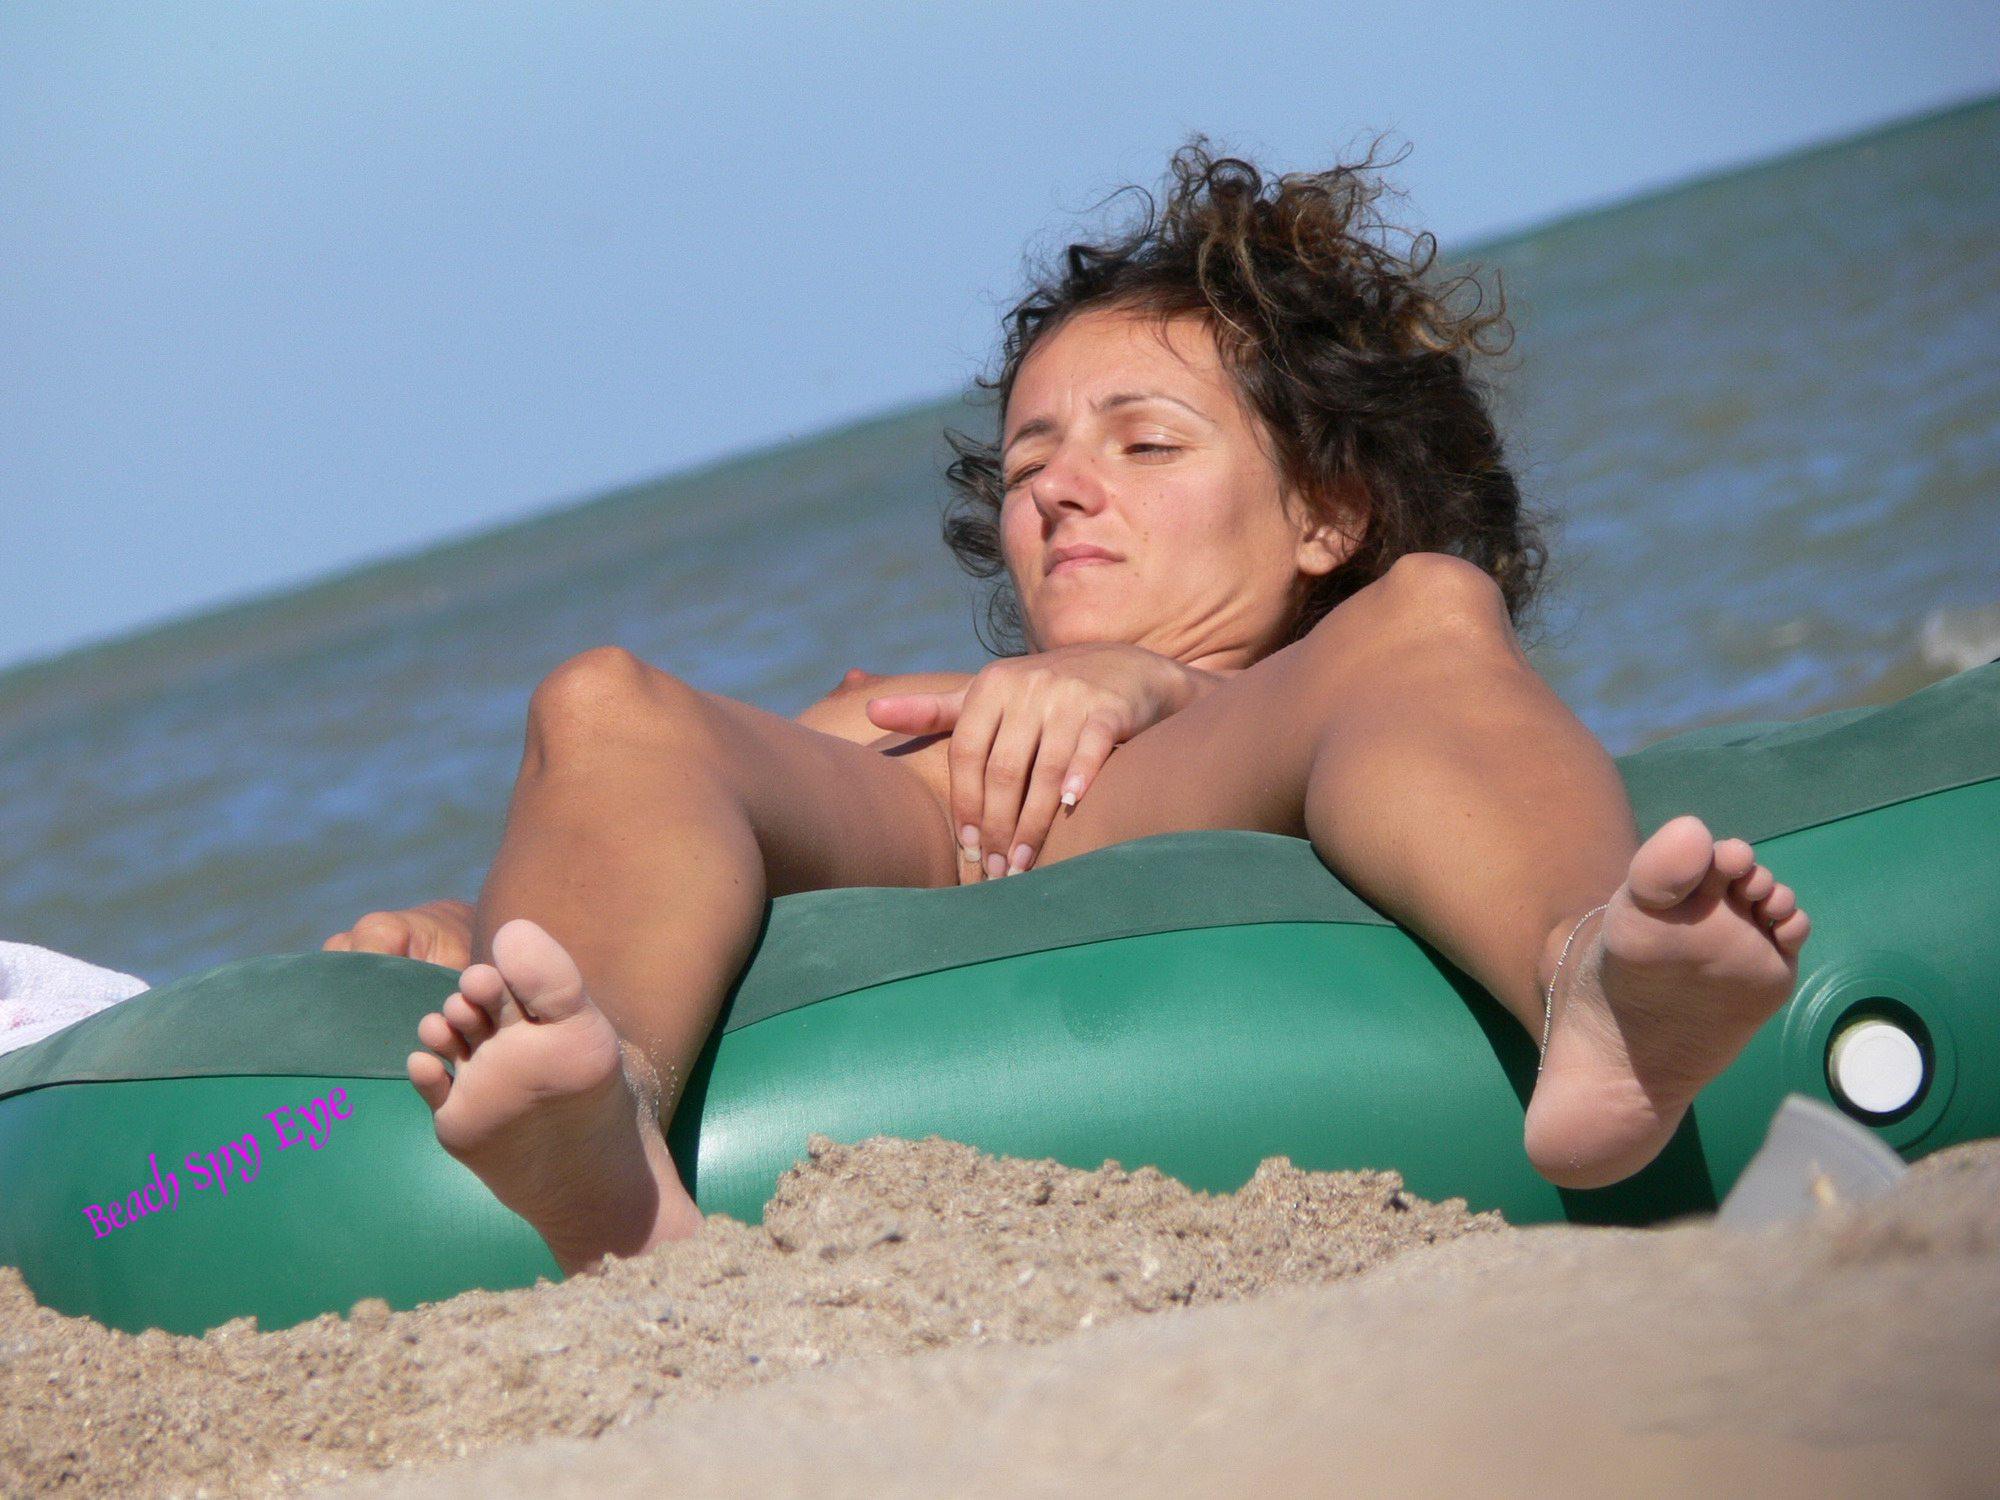 Shower Cam Nude Beach - Hidden nude beach video